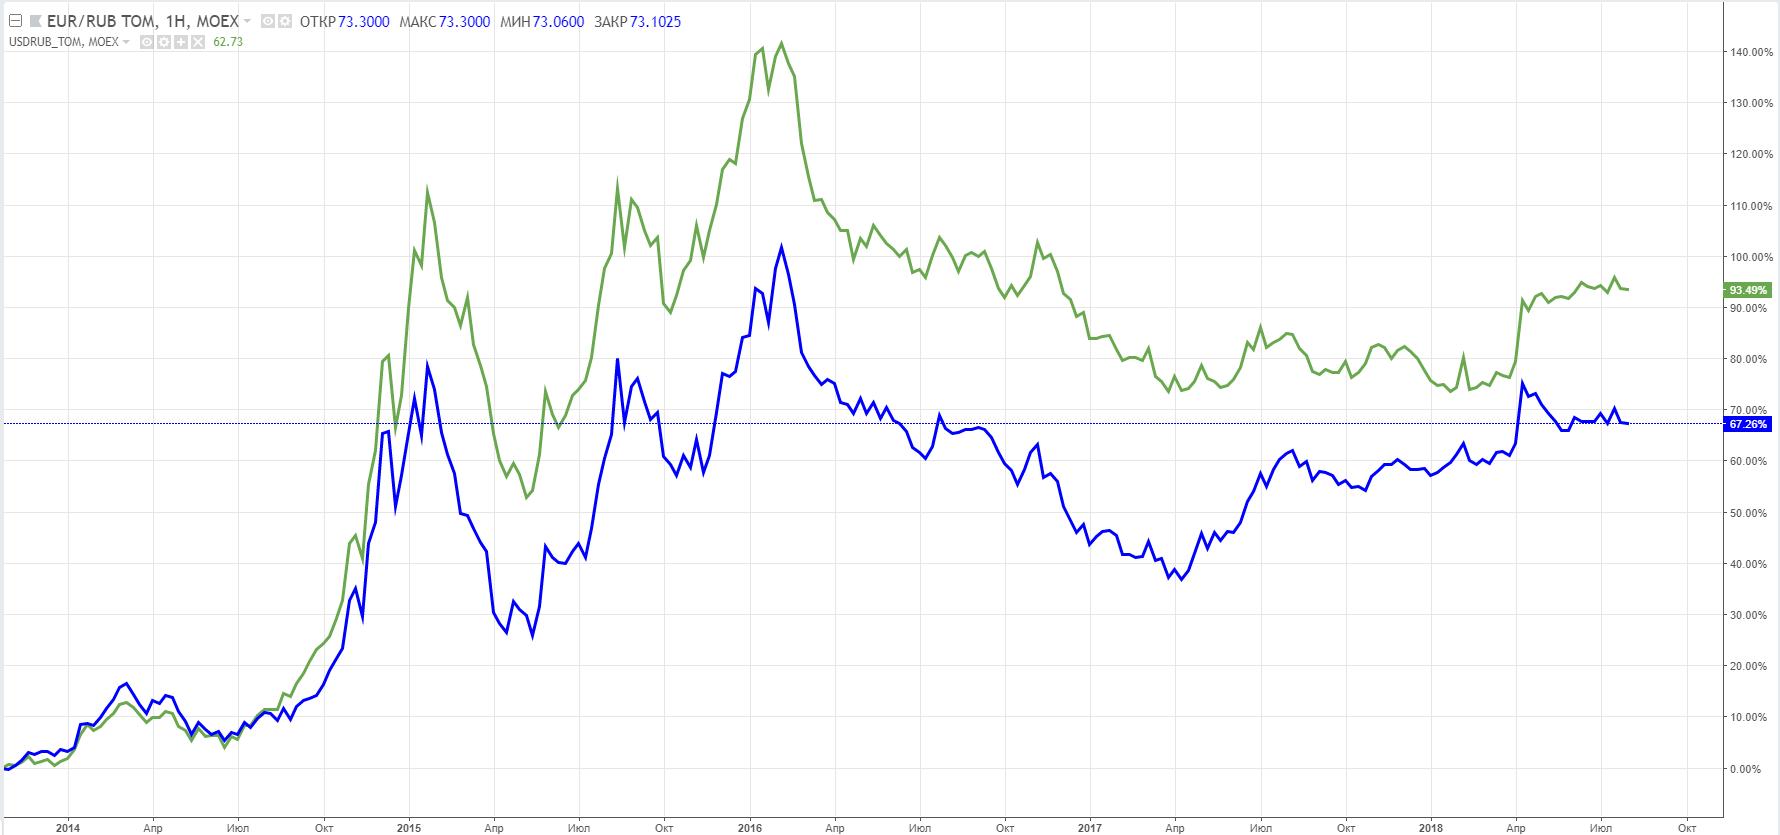 EURRUB_TOM (синяя линия), USDRUB_TOM (зеленая линия), недельный график